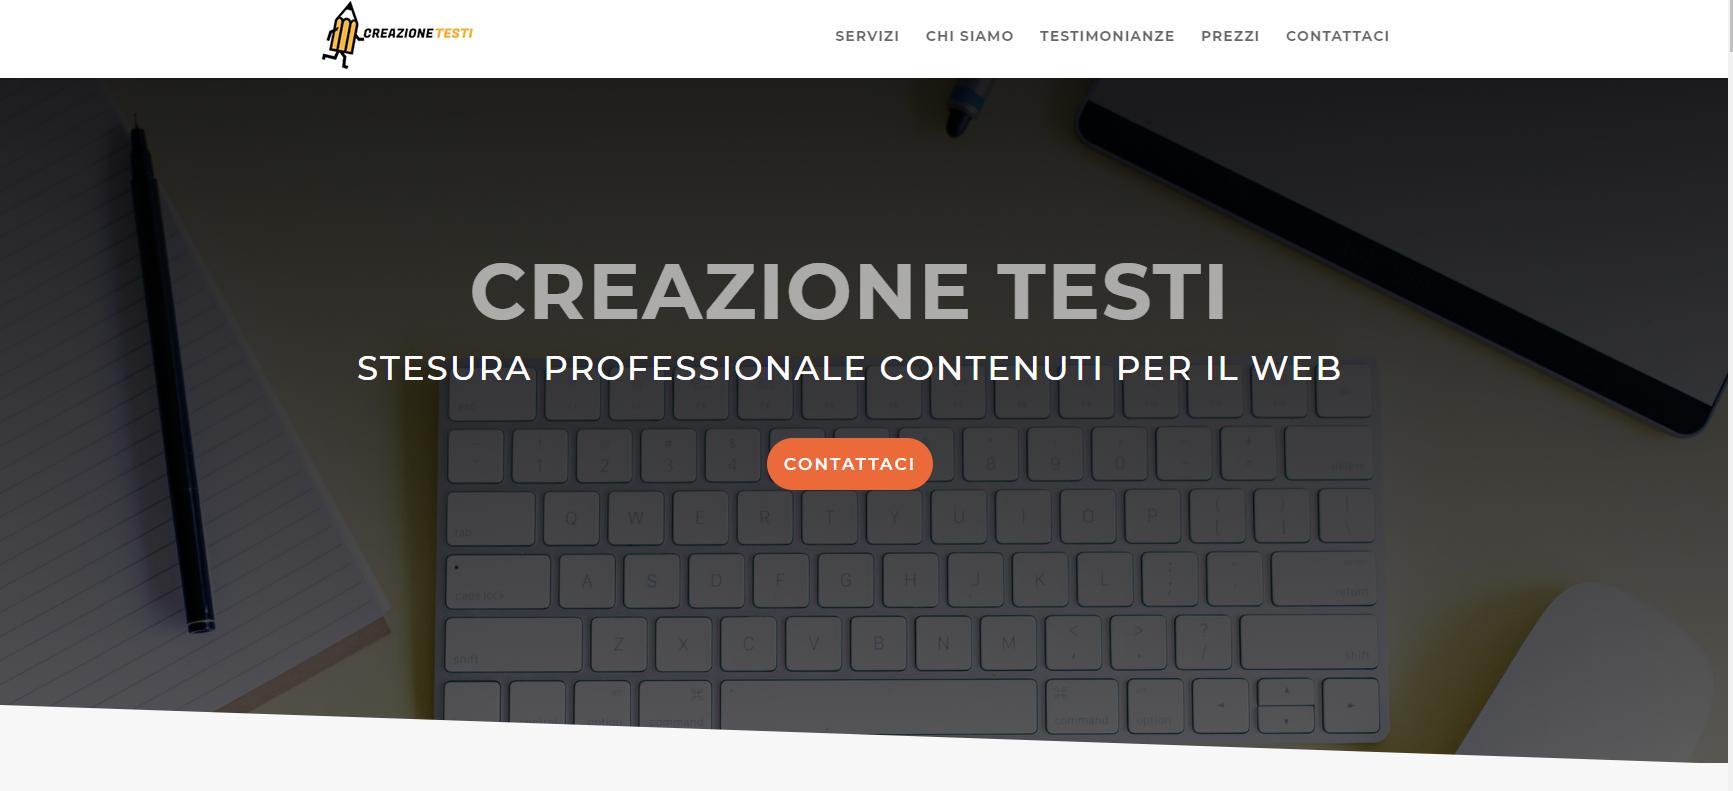 Creazione Testi - Sito web